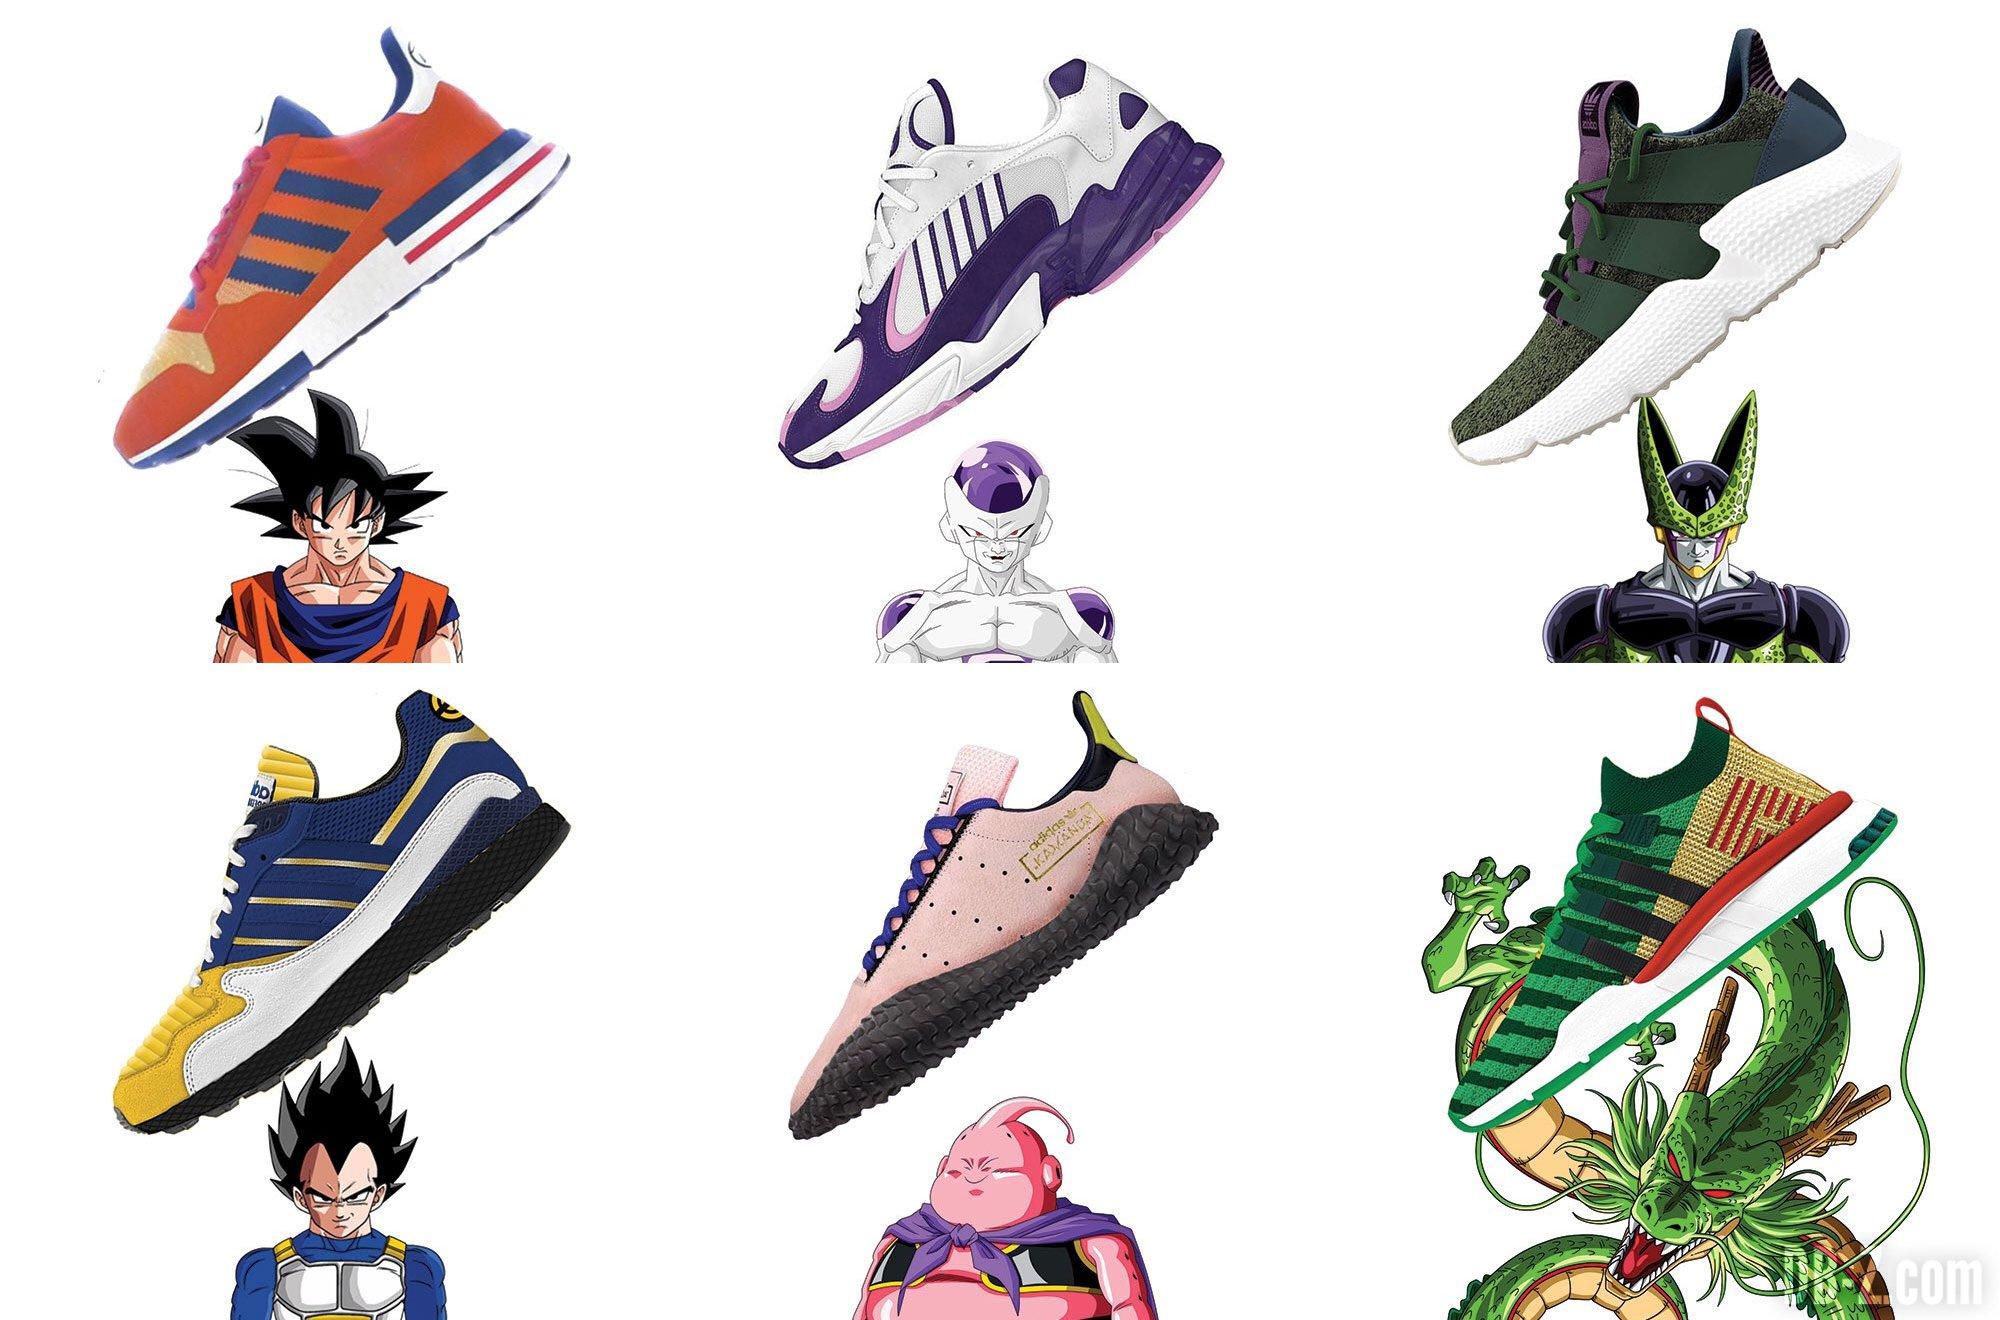 adidas bekräftar 'Dragon Ball Z' samarbetet | Dopest